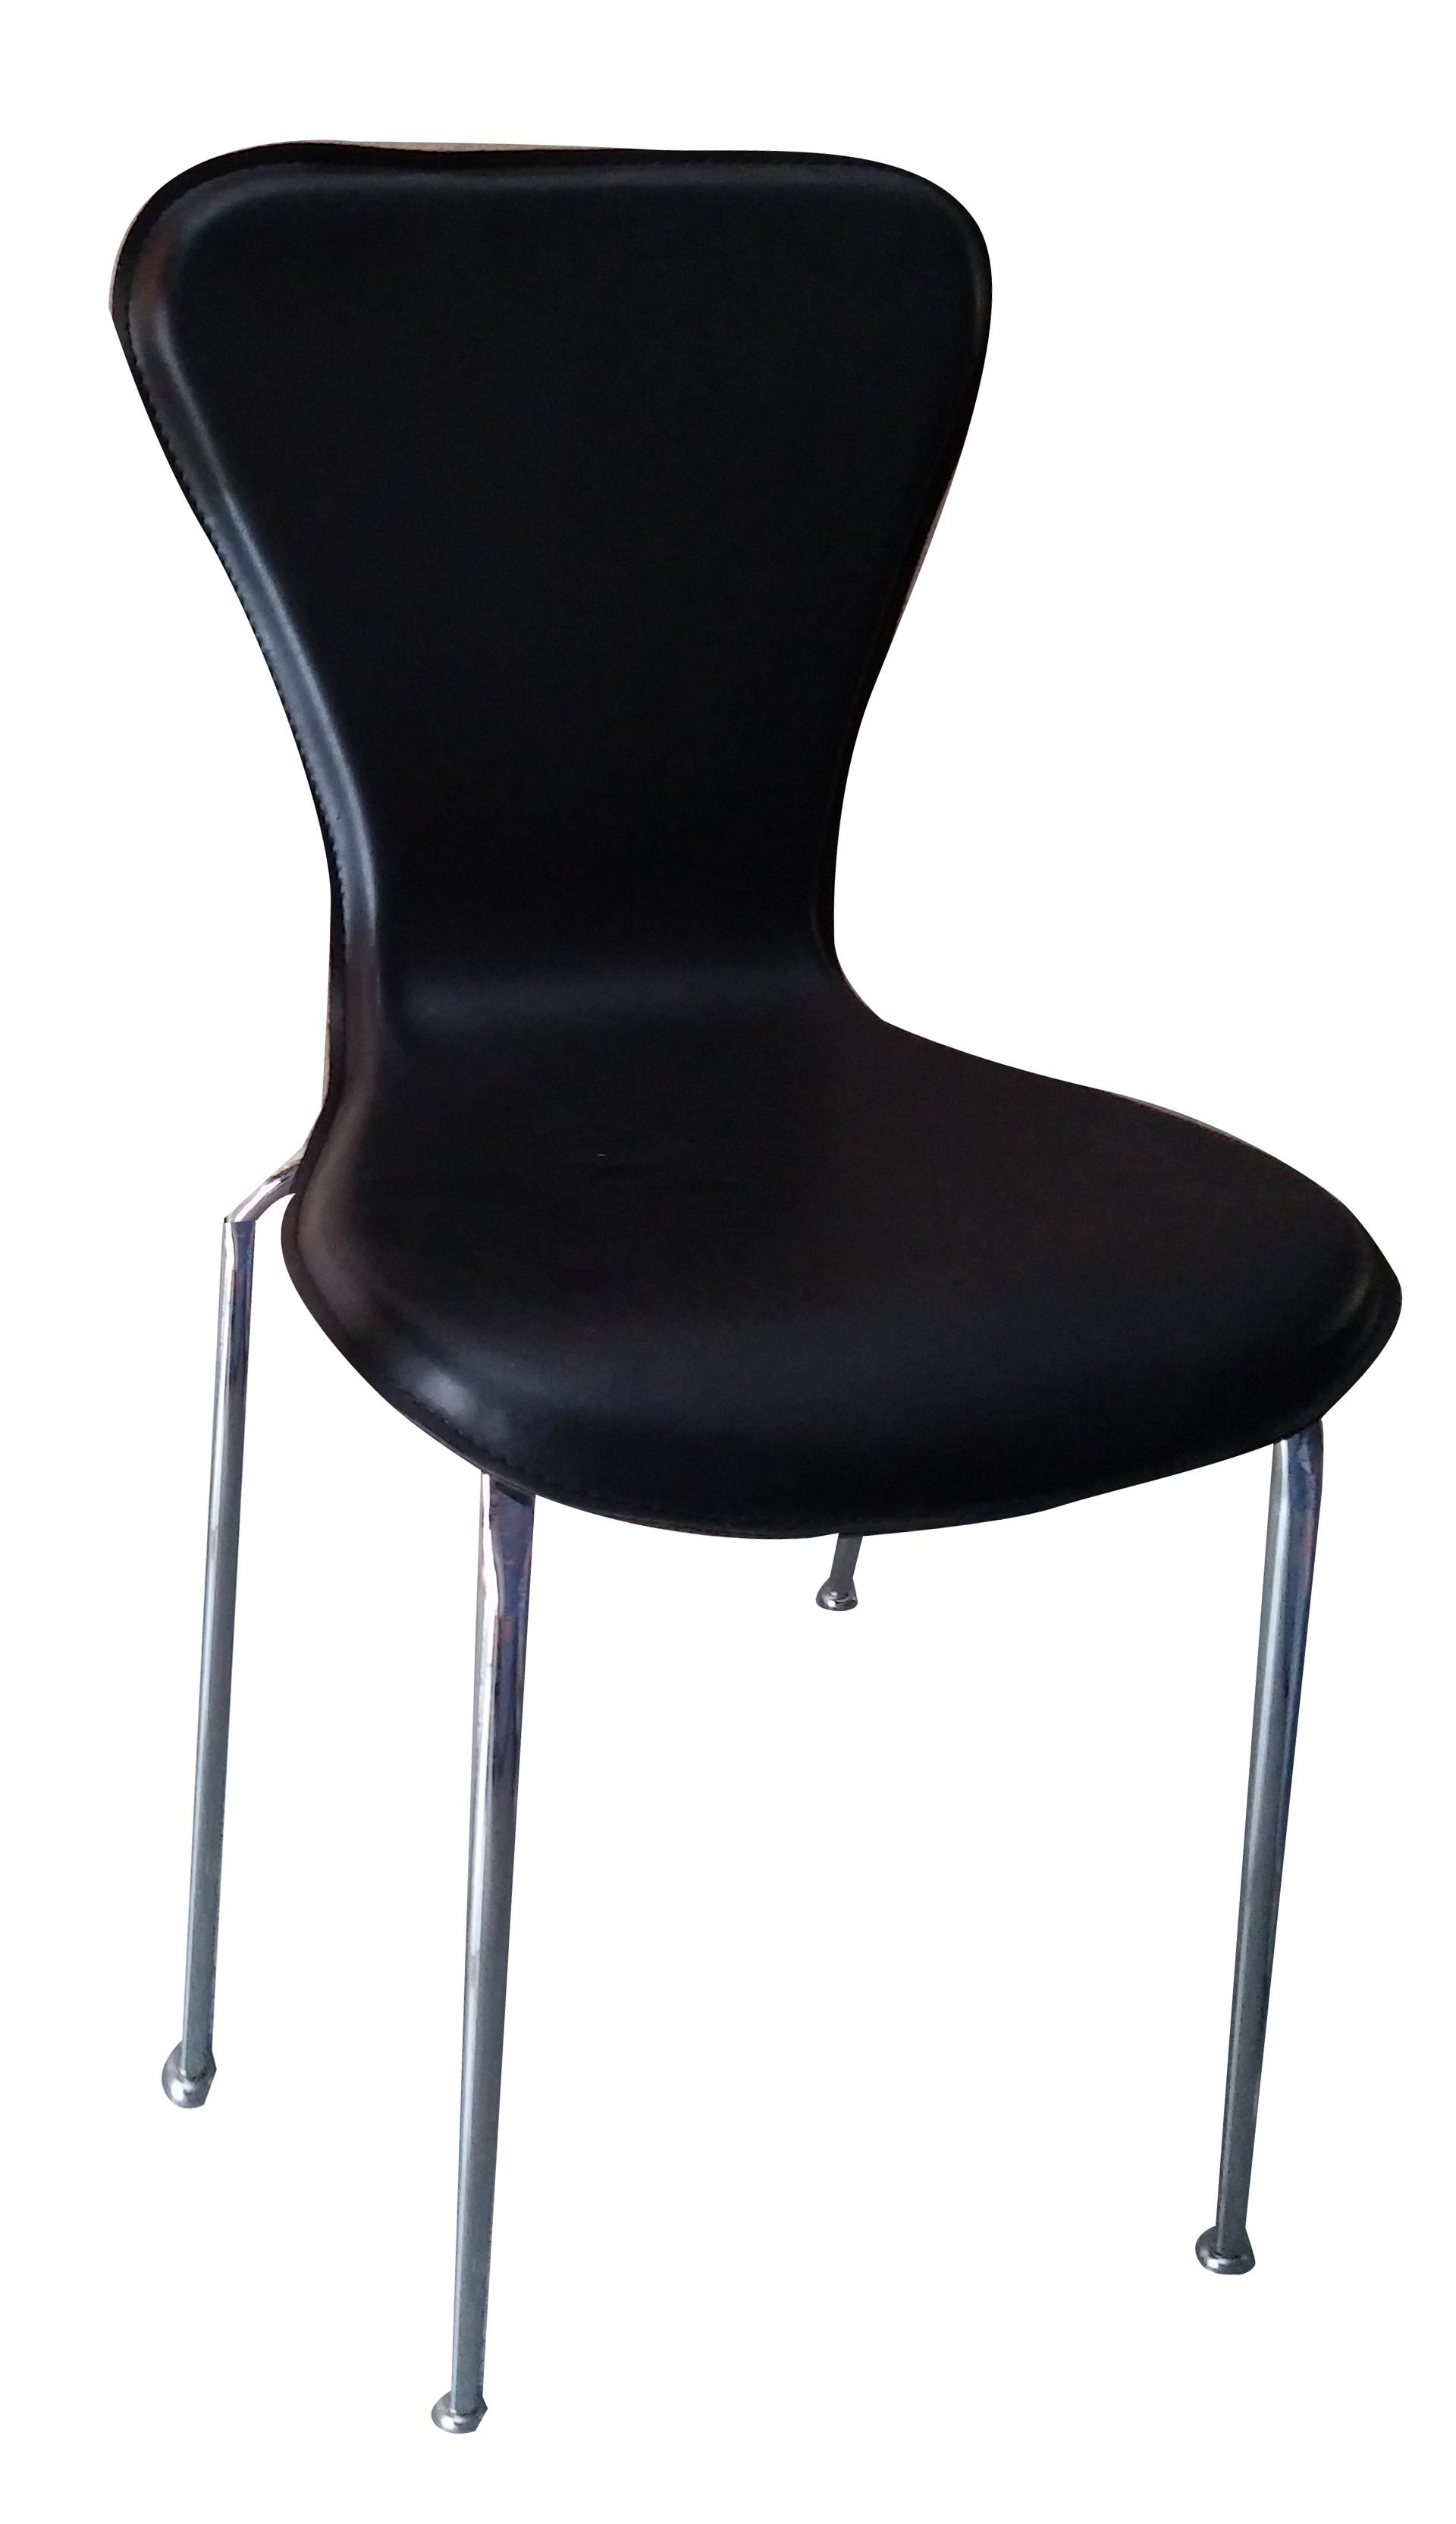 Siyah Sandalye 103